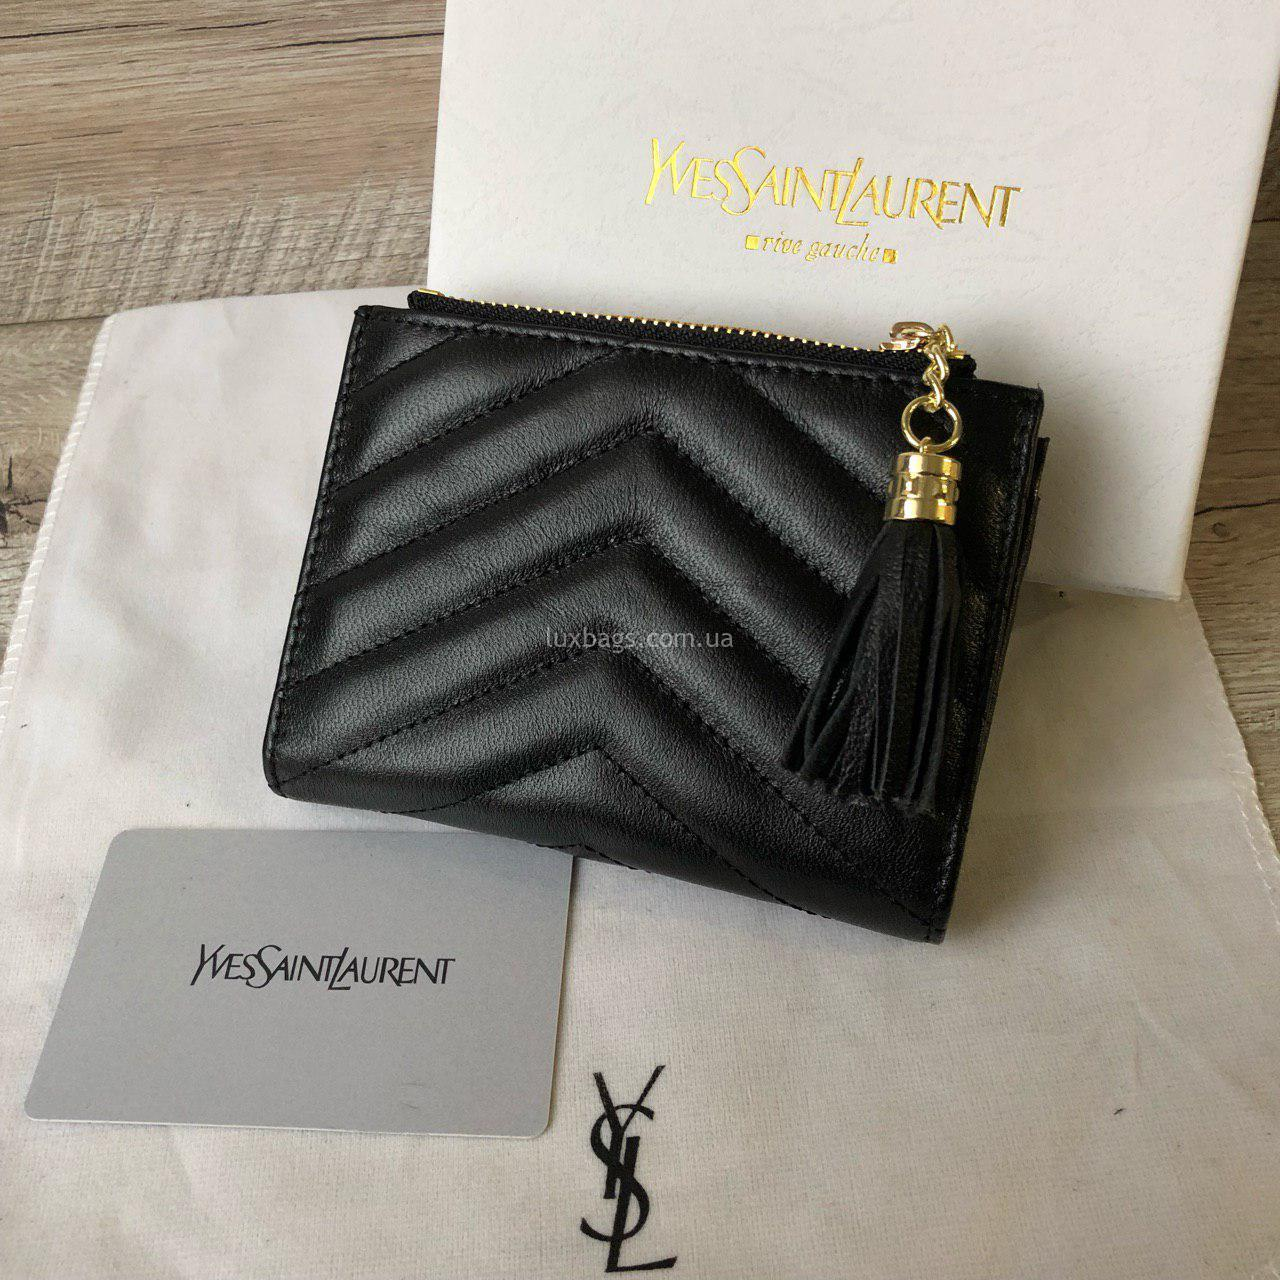 94d5e1179758 Кожаный кошелёк Yves Saint Laurent маленький Купить на lux-bags